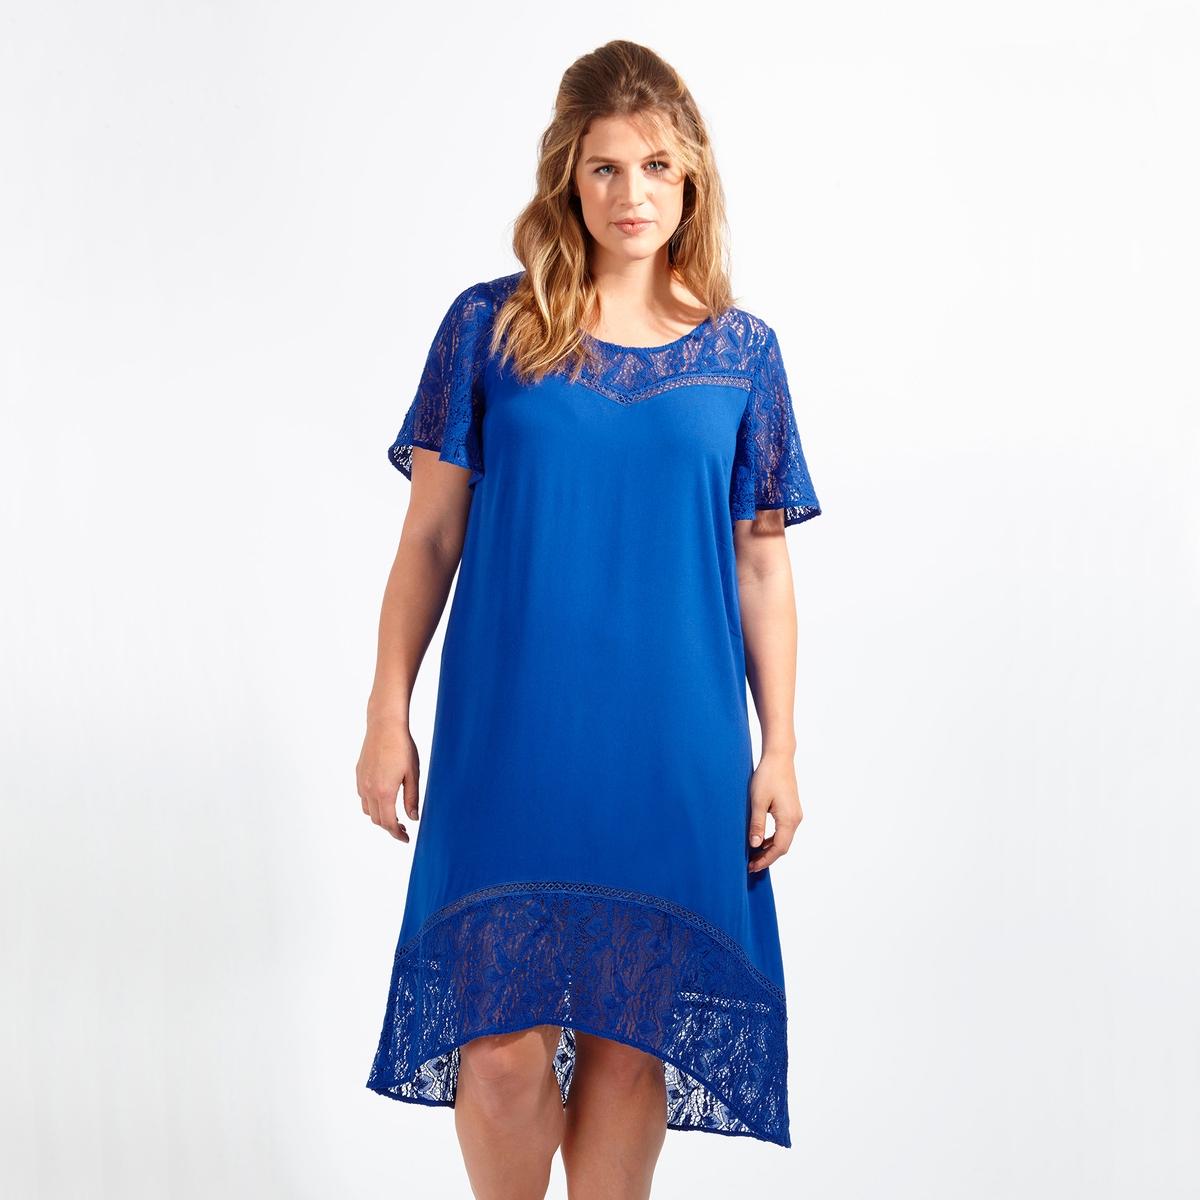 ПлатьеПлатье с короткими рукавами LOVEDROBE. 100% полиэстер. Симпатичное кружево в верхней части платья, на коротких рукавах и снизу<br><br>Цвет: синий<br>Размер: 58/60 (FR) - 64/66 (RUS).50/52 (FR) - 56/58 (RUS)